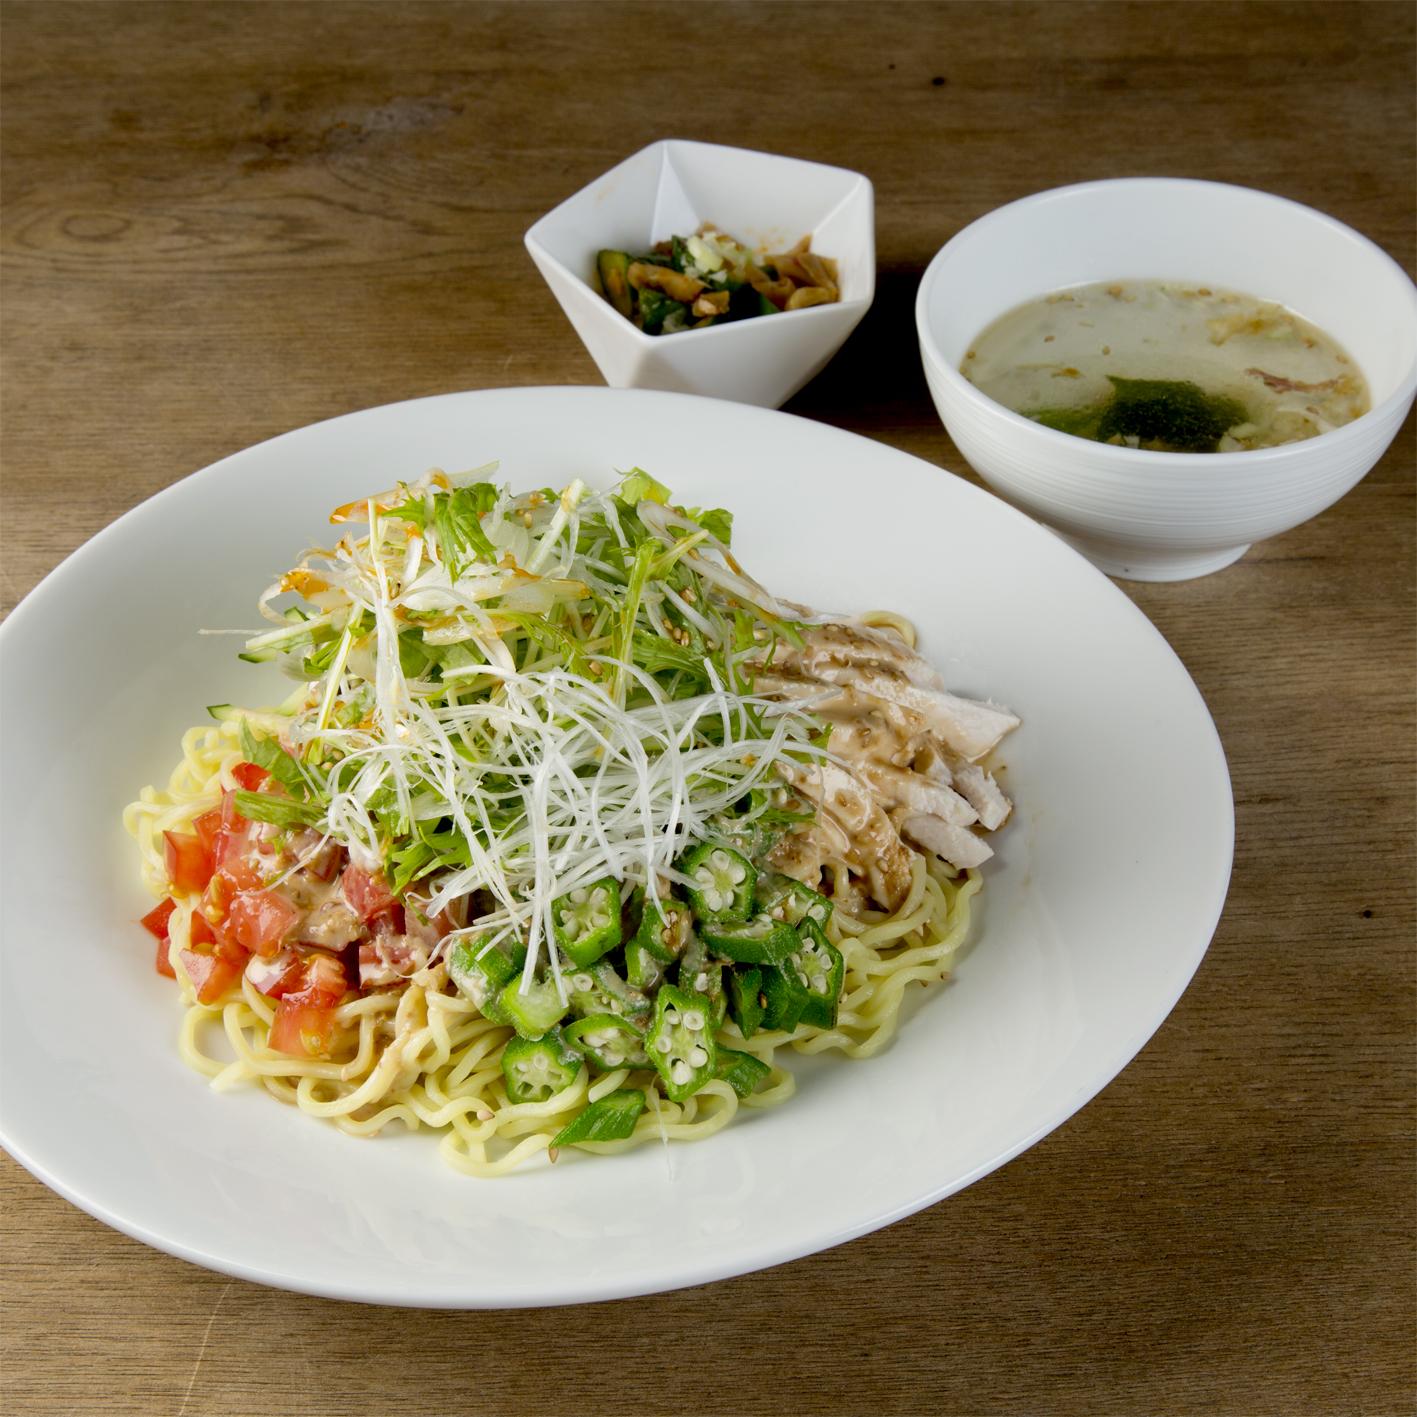 【月替:6月】胡麻黒酢の冷やし麺 1,100円(税込)